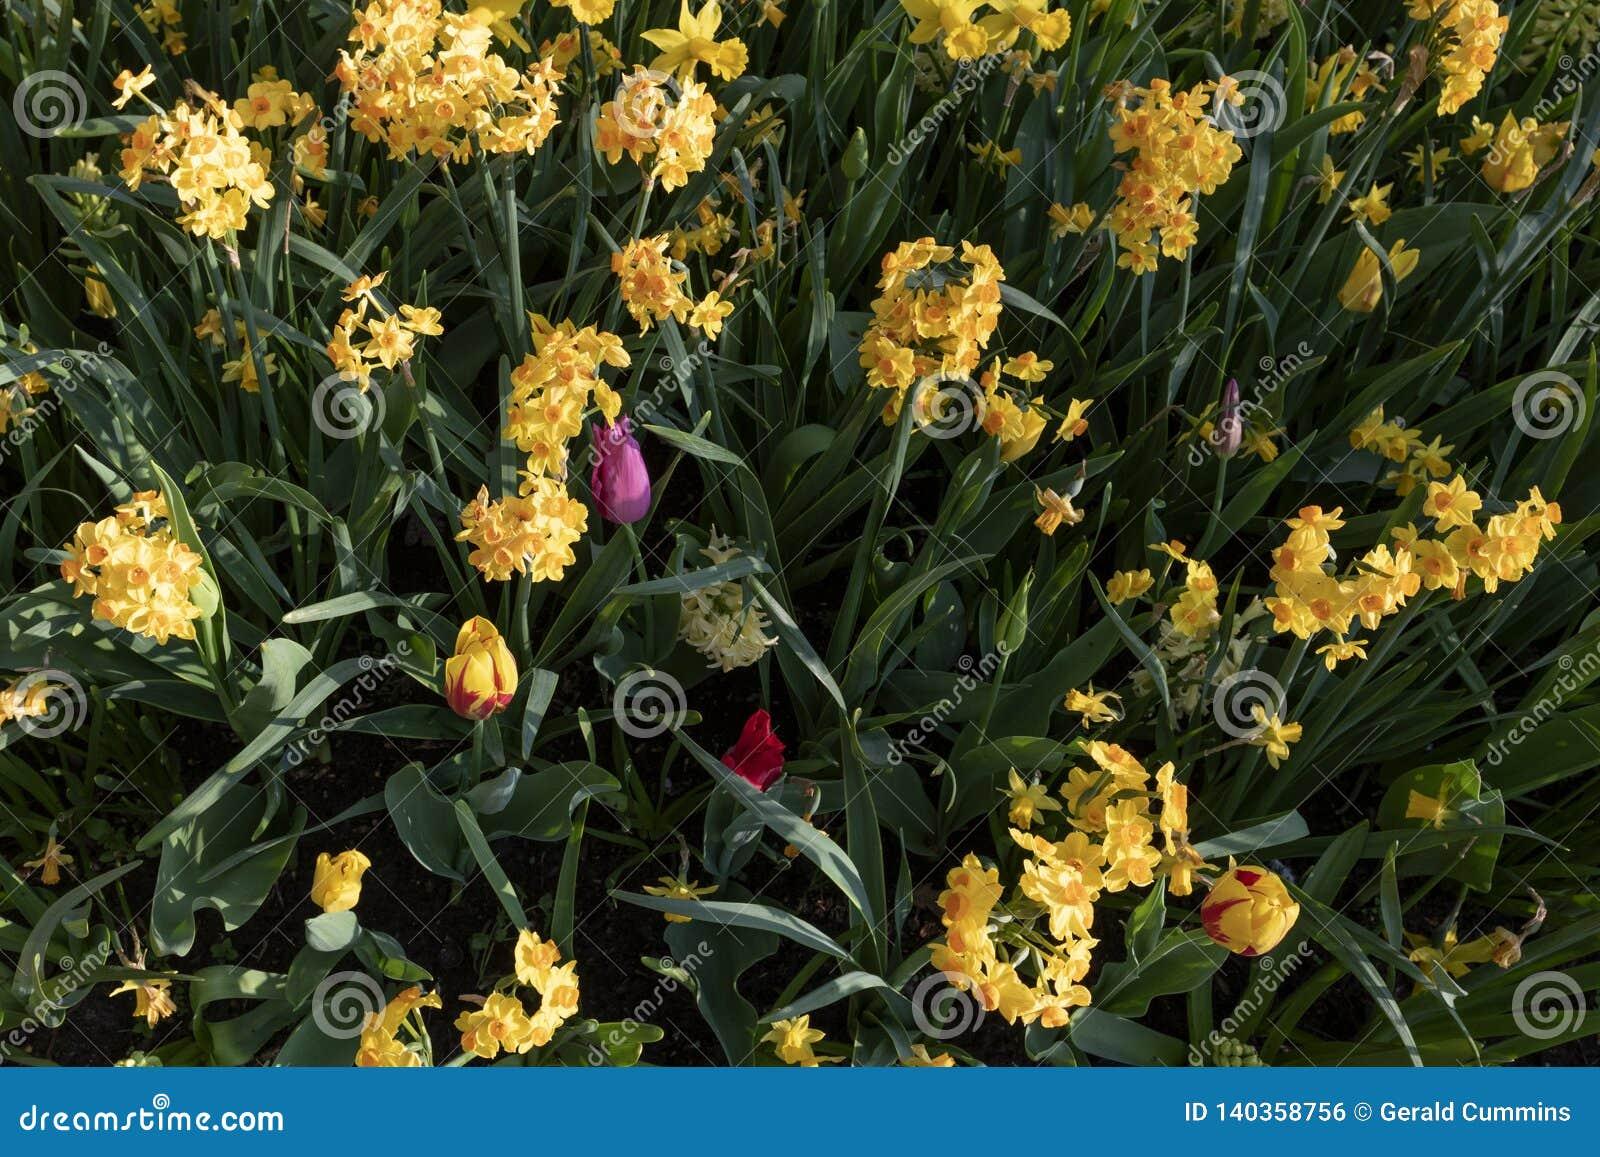 Zwergartiges narcissue, Narzissenblumen Frühlingsmehrjährige pflanze gemischt mit Tulpen